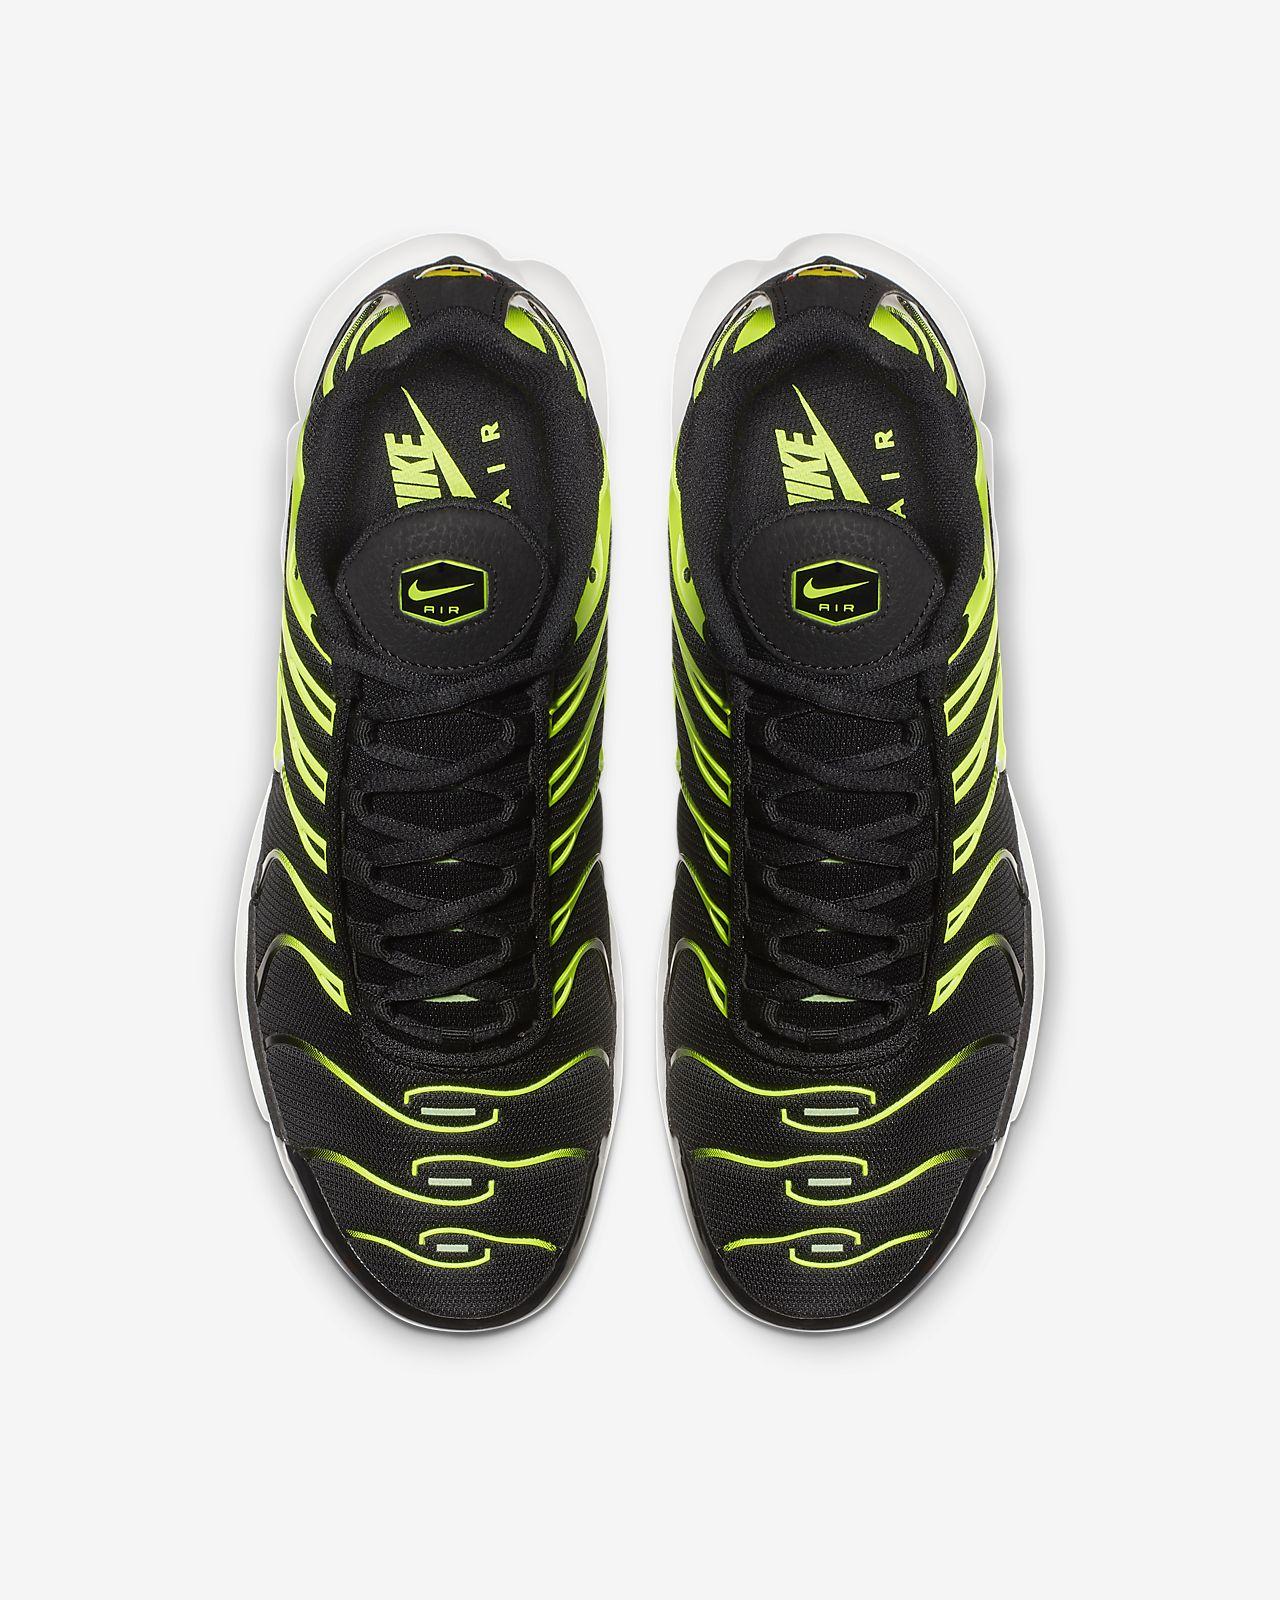 detailed look 45c54 2d3c5 ... Nike Air Max Plus Men s Shoe